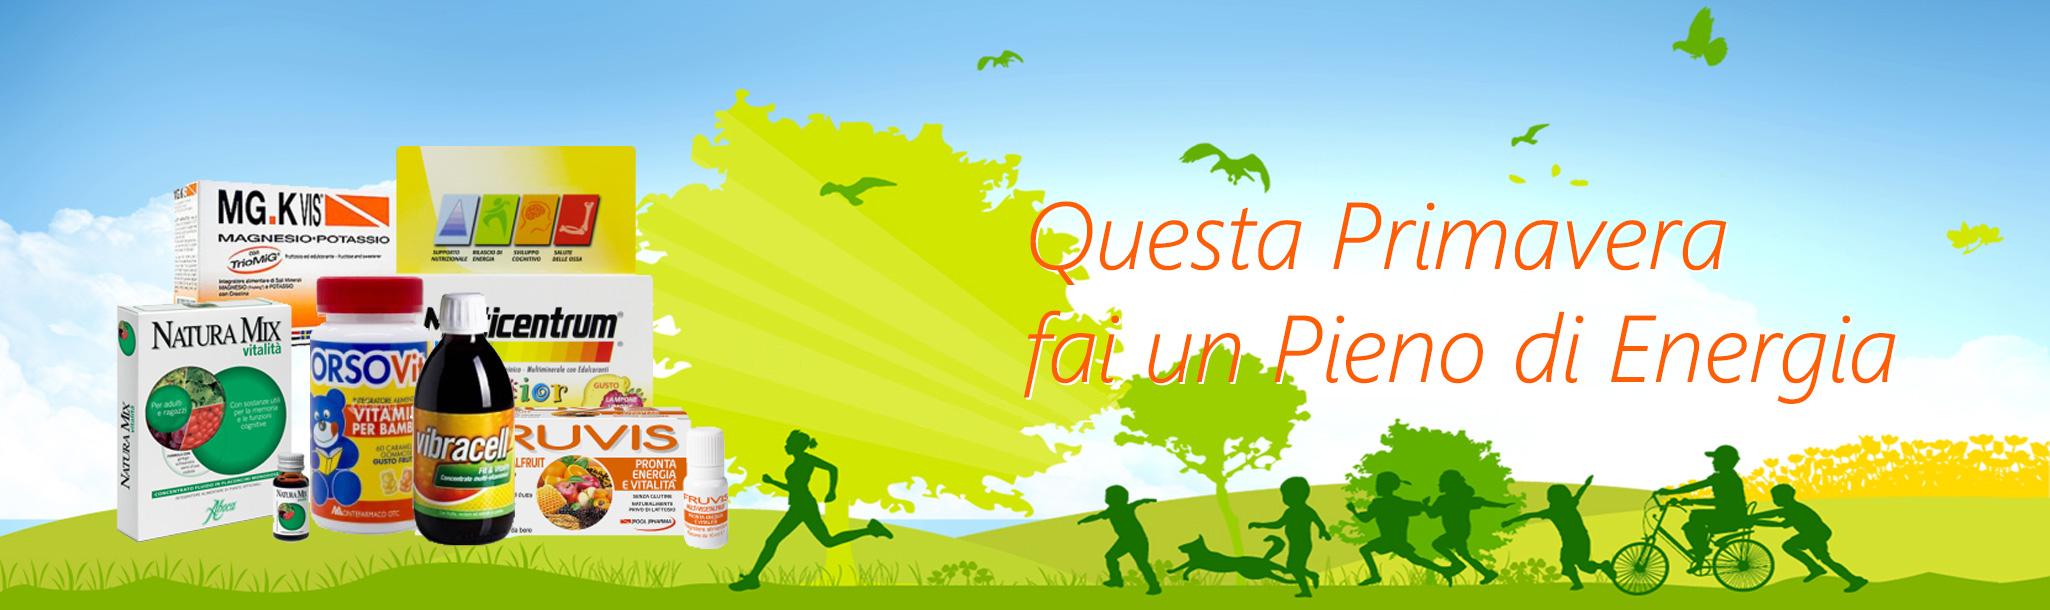 Integratori bambini e adulti per la primavera - offerta integratori - spedizione gratuita da 49€